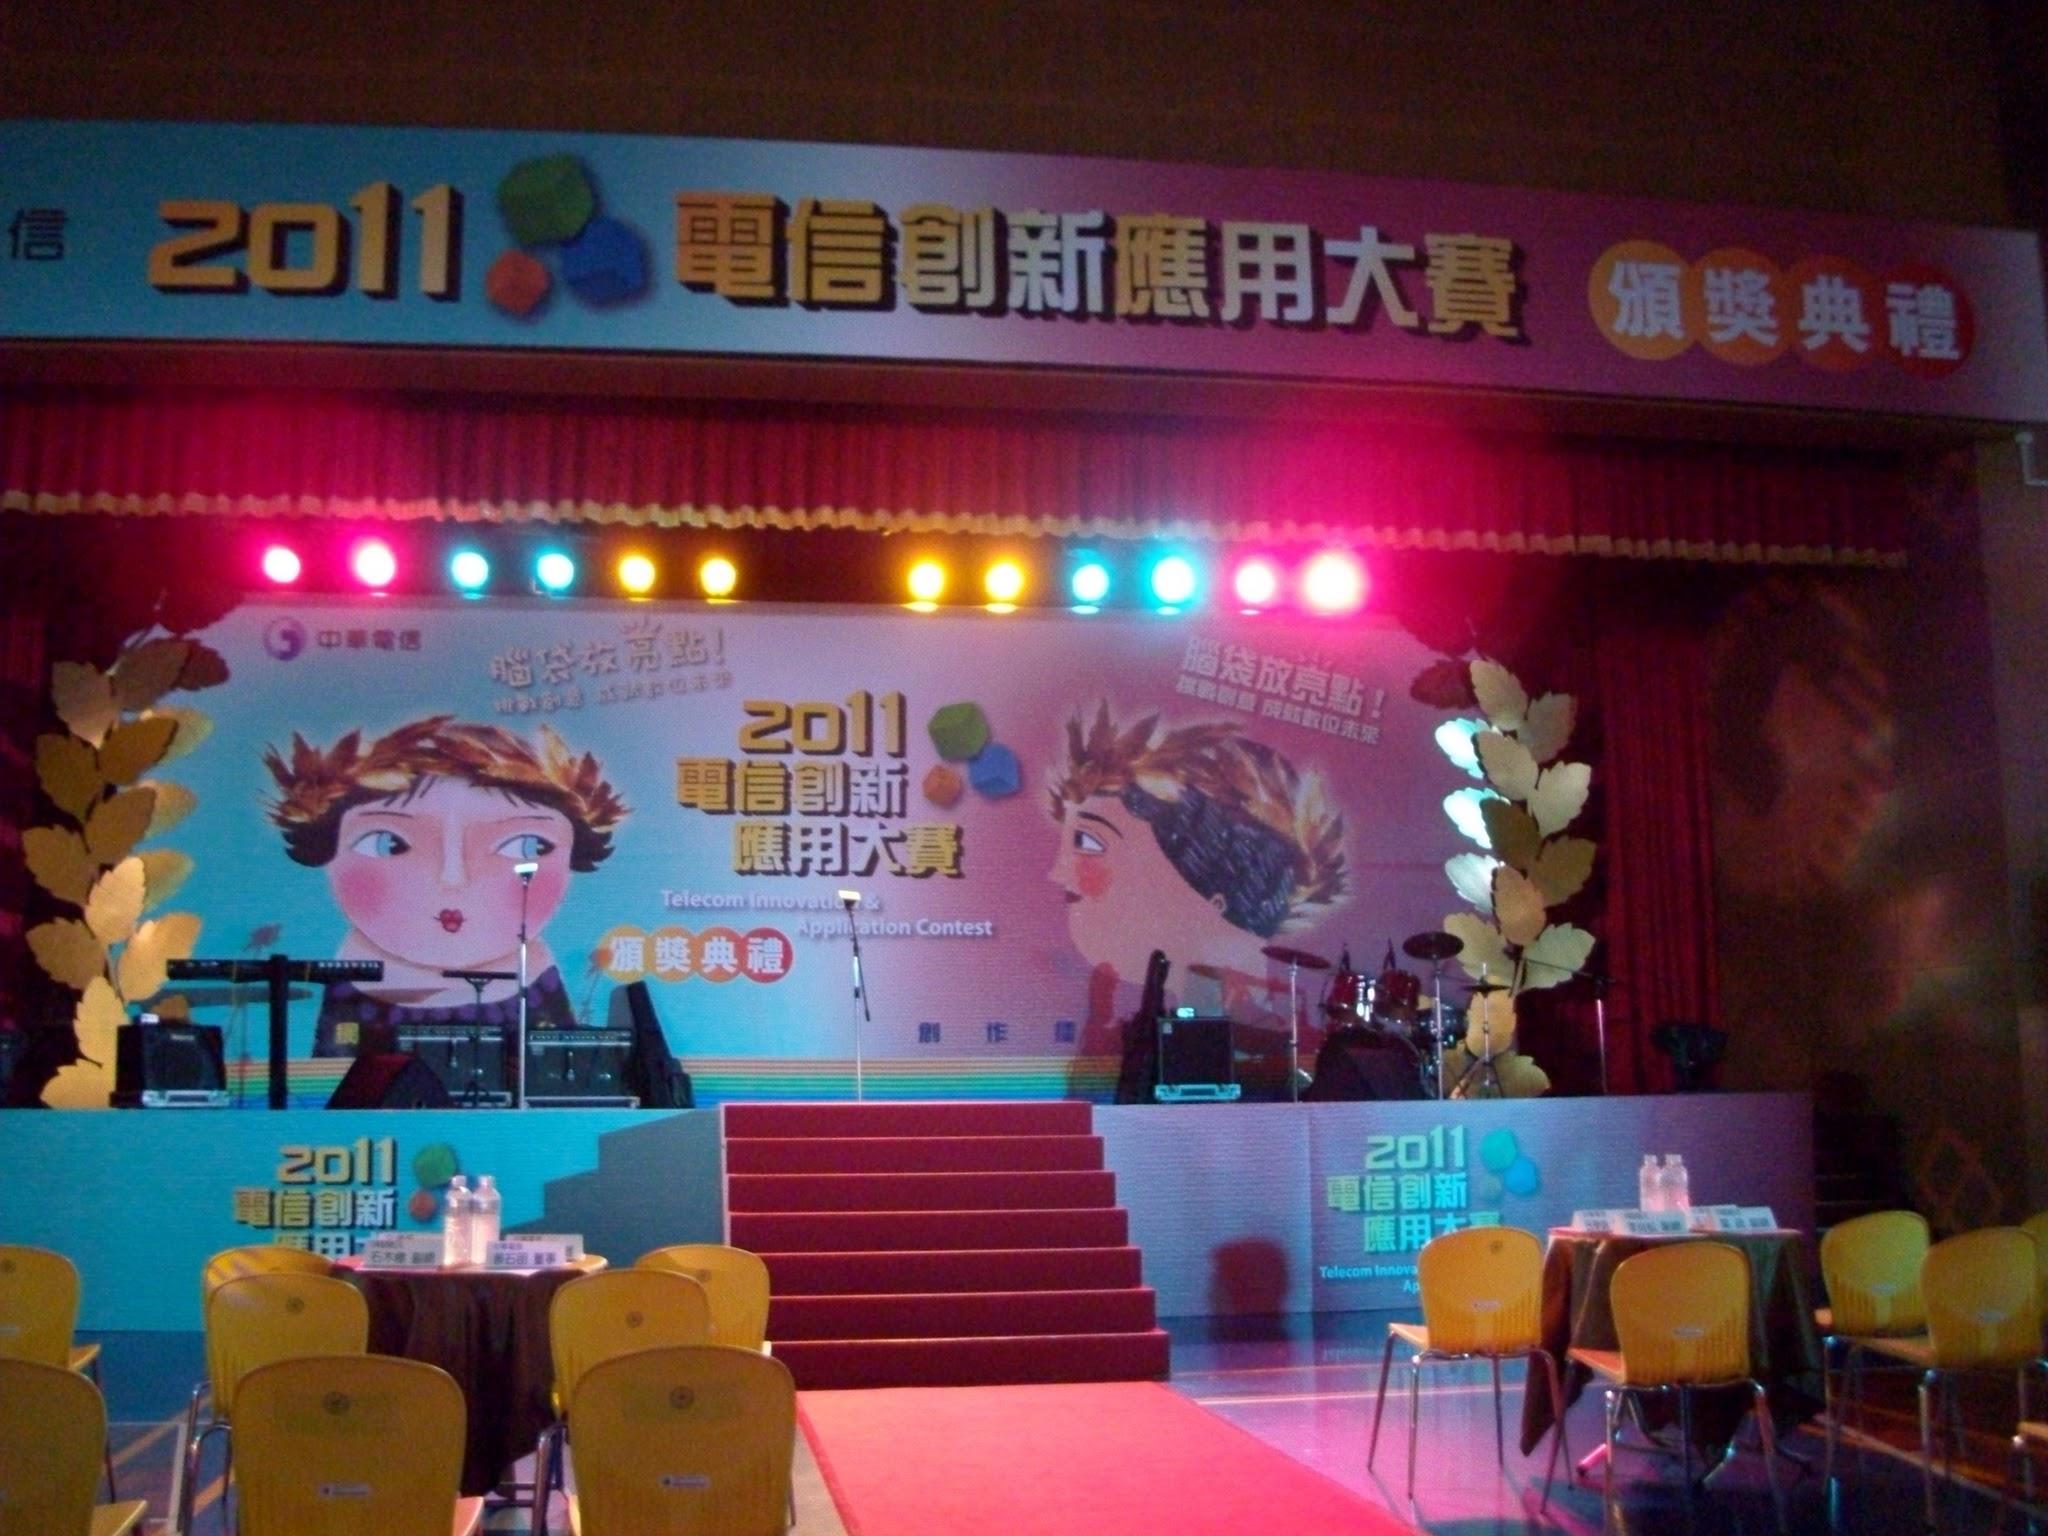 2011電信創新應用大賽頒獎典禮會場